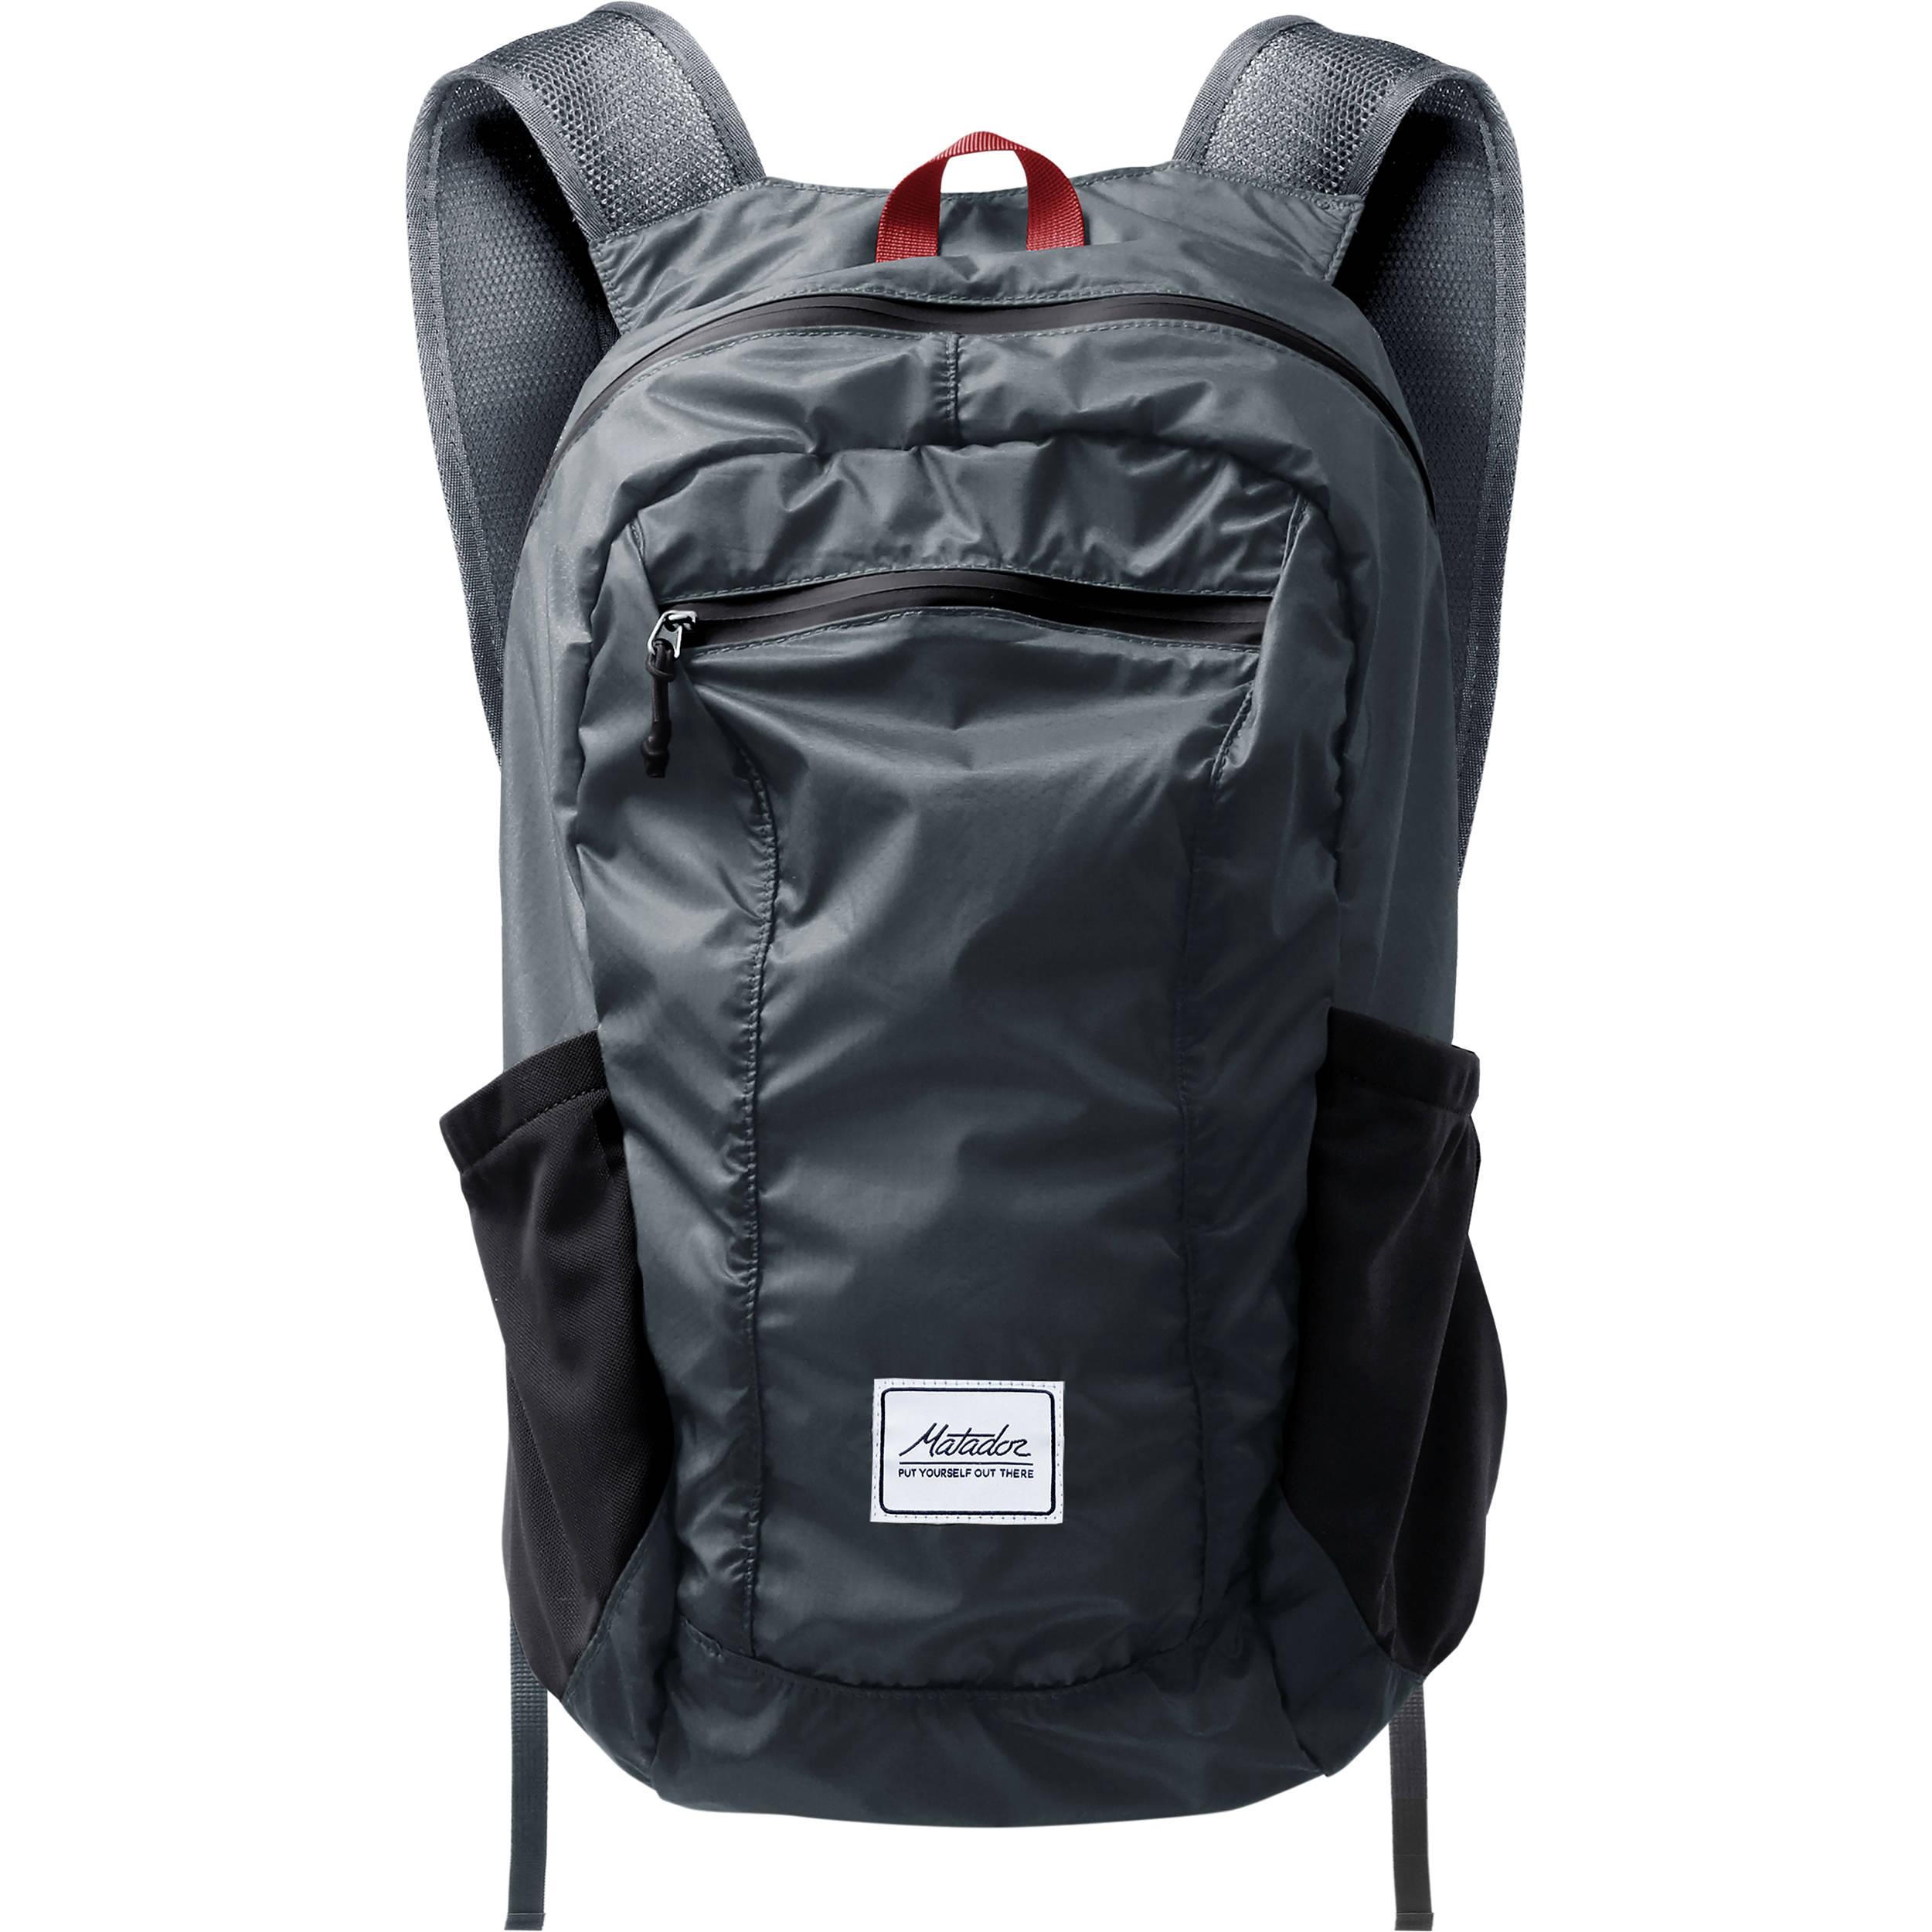 DL16 Backpack - Grey